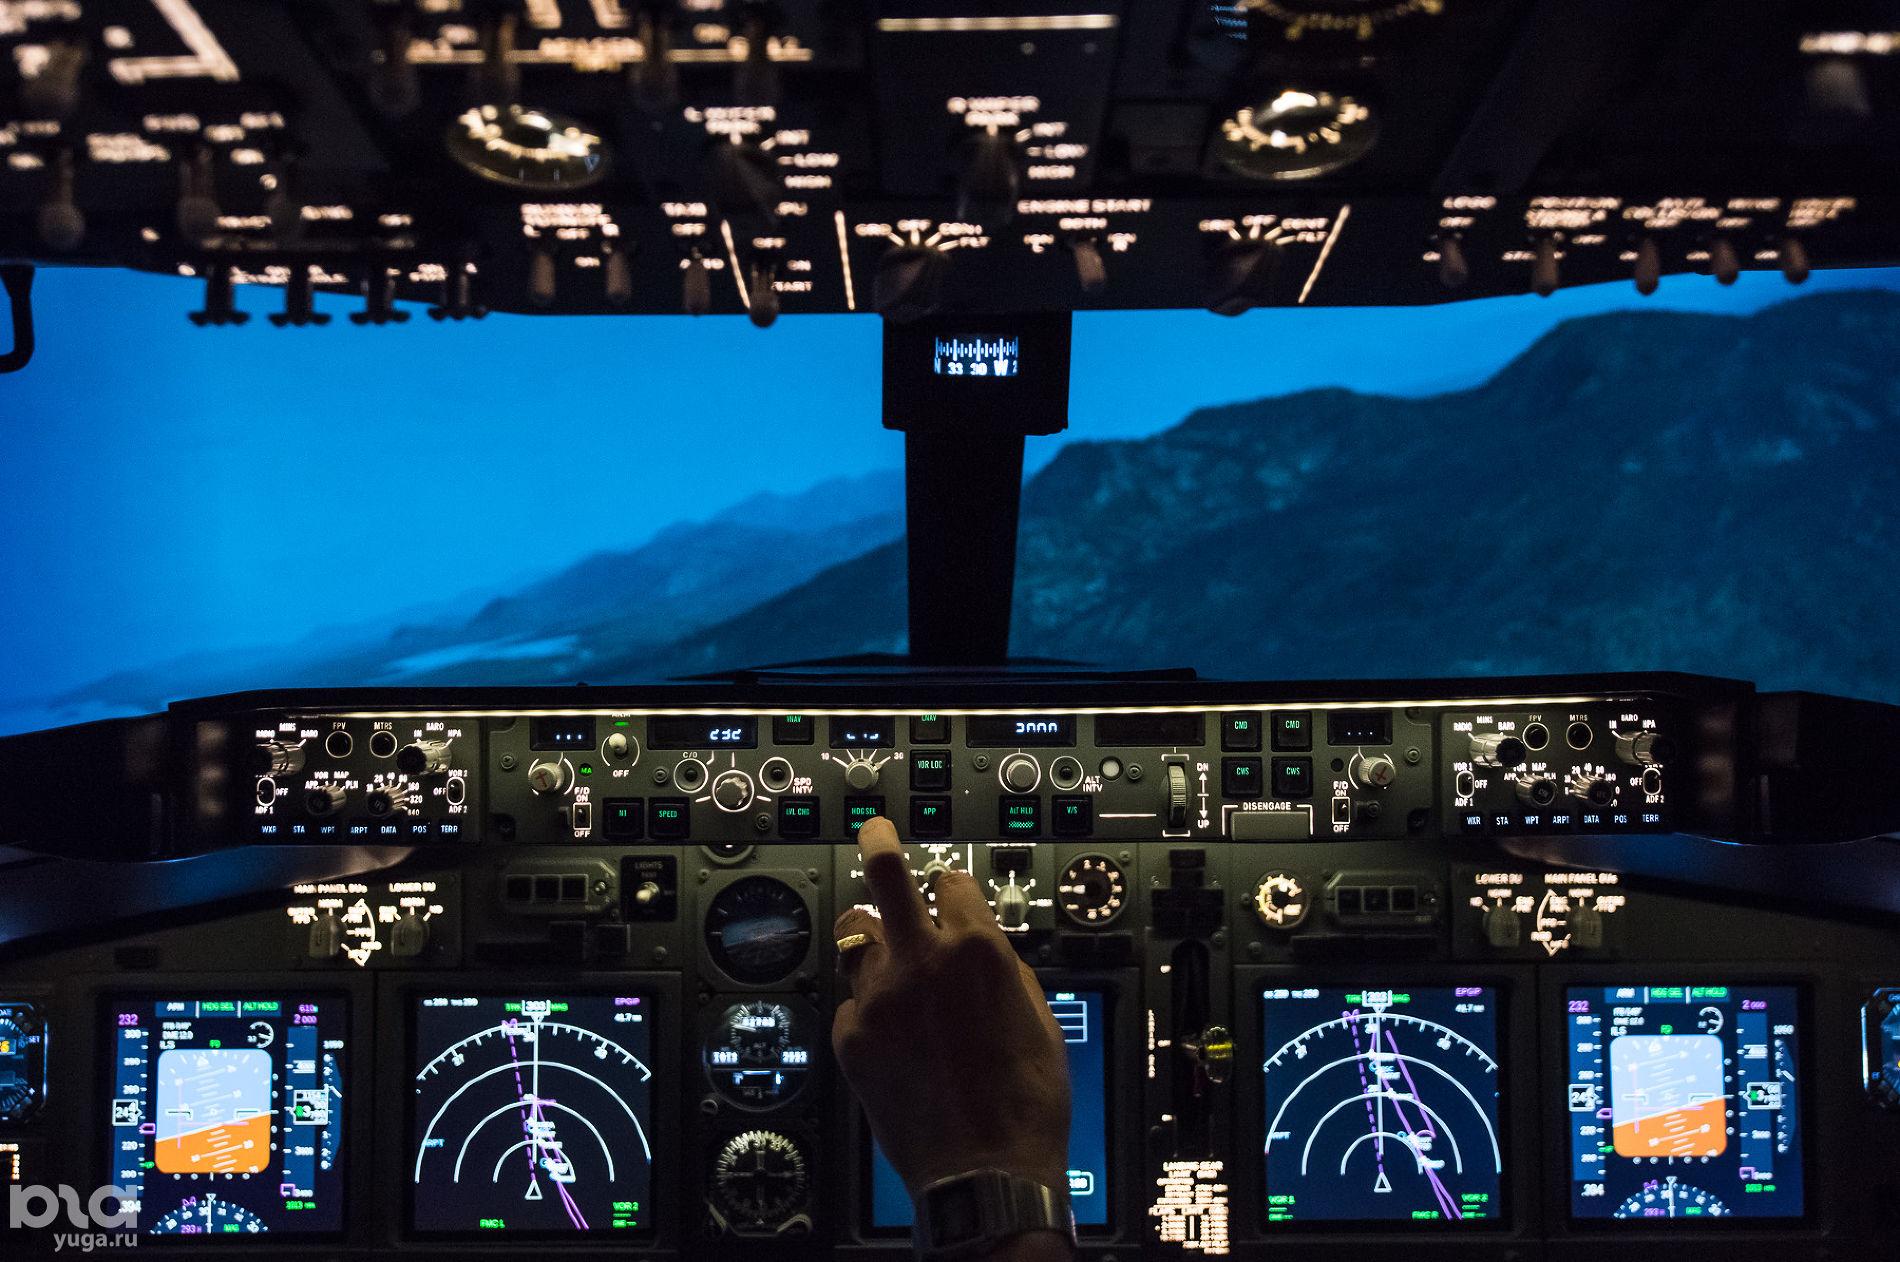 Авиасимулятор Dream Aero в «СБС Мегамолл» ©Фото Елены Синеок, Юга.ру